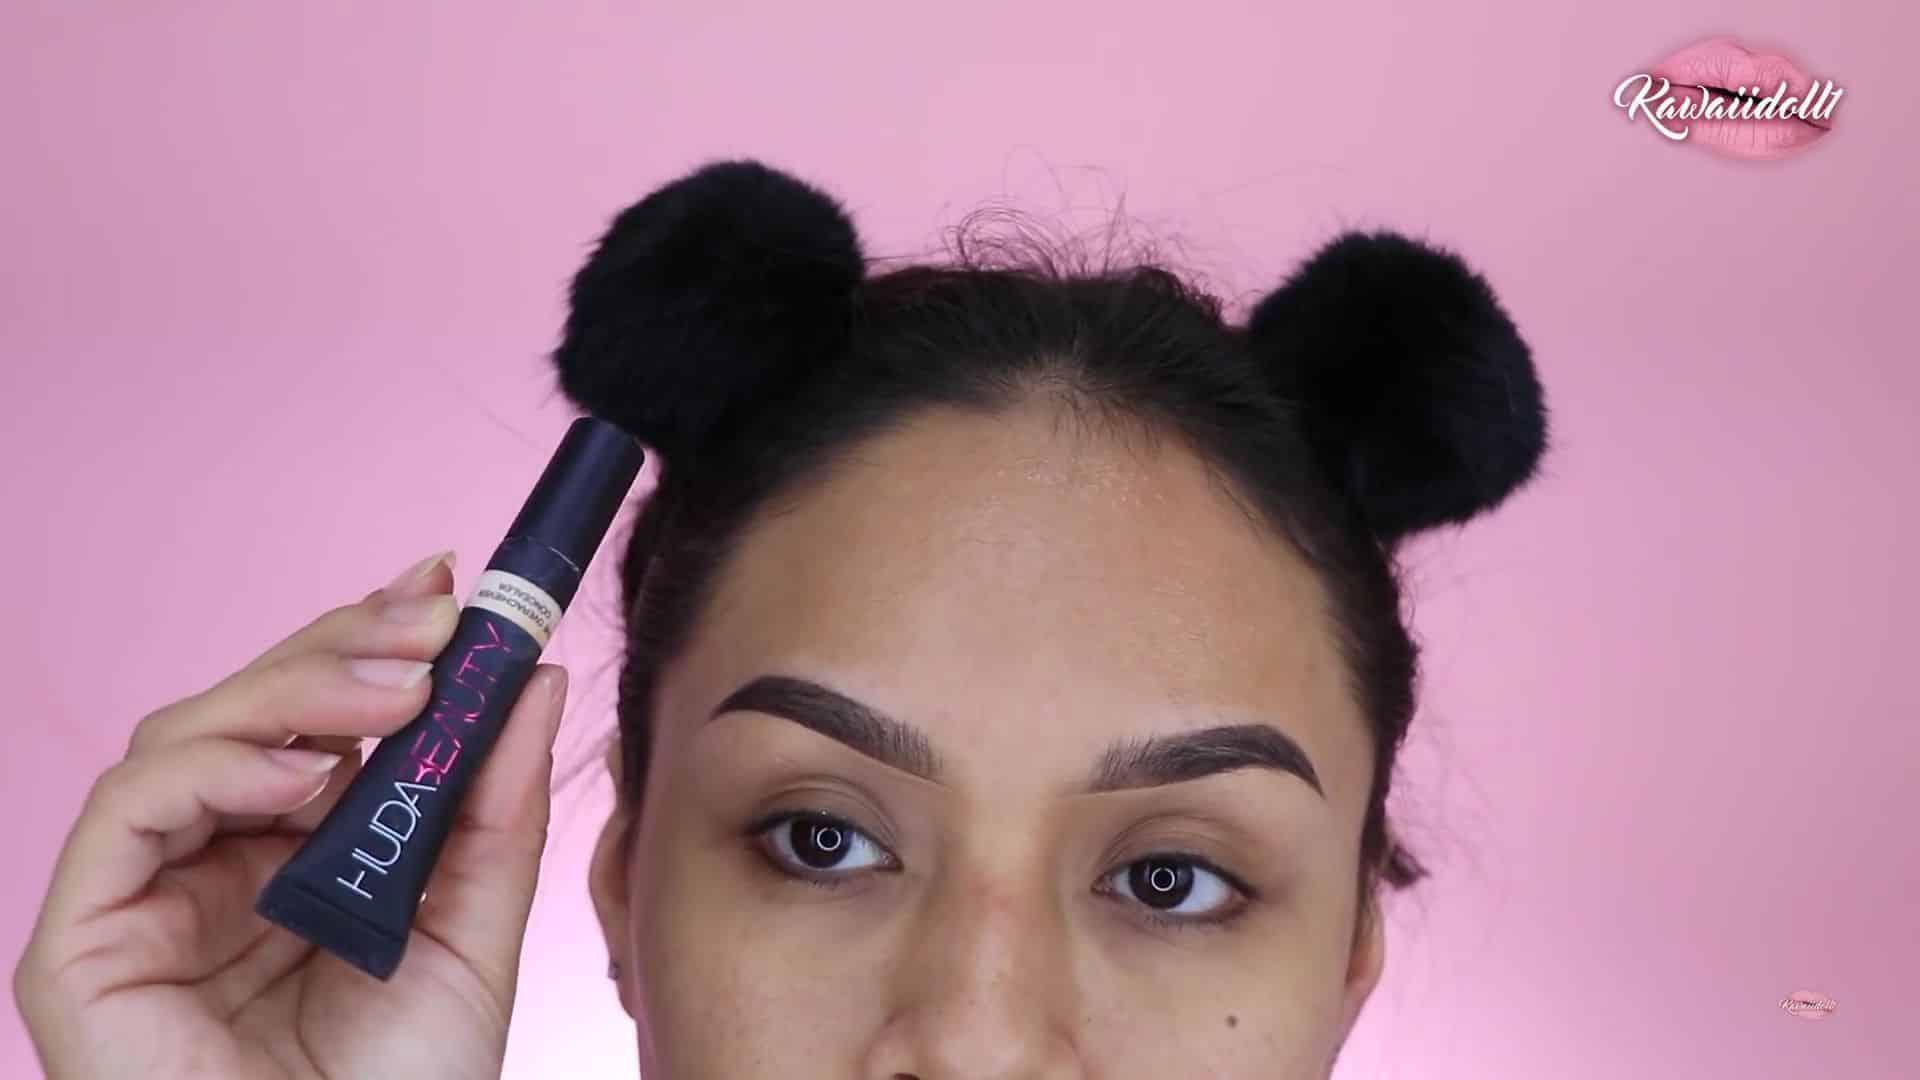 maquillaje de fantasía rapunzel 2020 kawaiidoll1 corrector huda beauty.